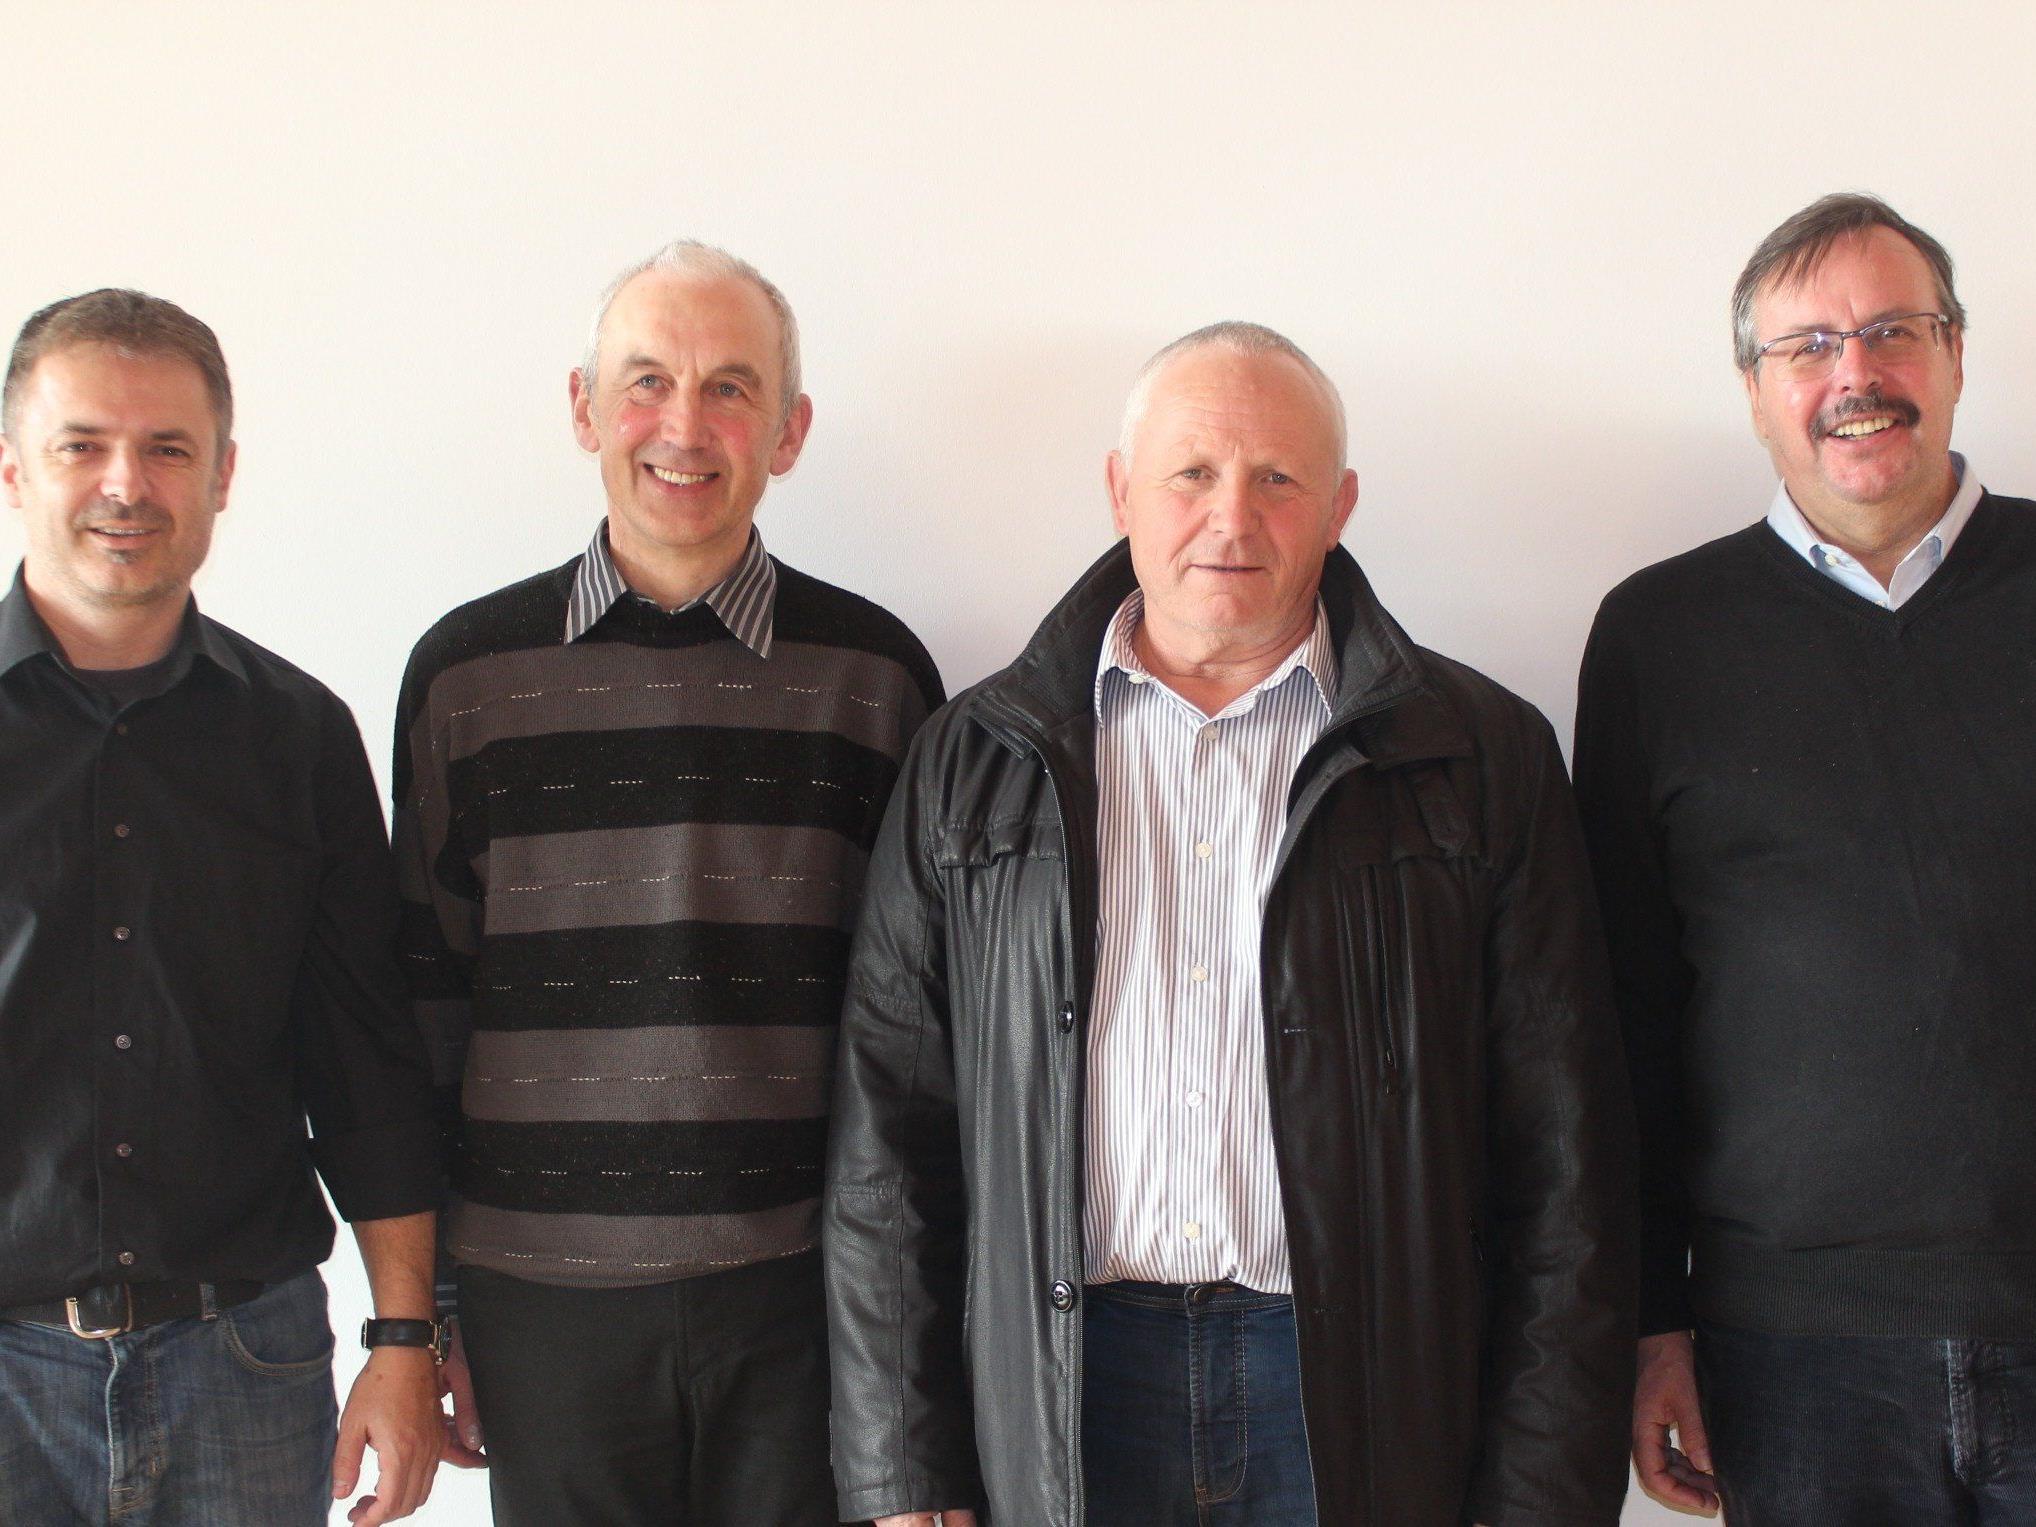 Vizebgm. Walter Moosbrugger, Pfarrer Paul Burtscher, Bgm. Roman Immler und Dietmar Schratzer.